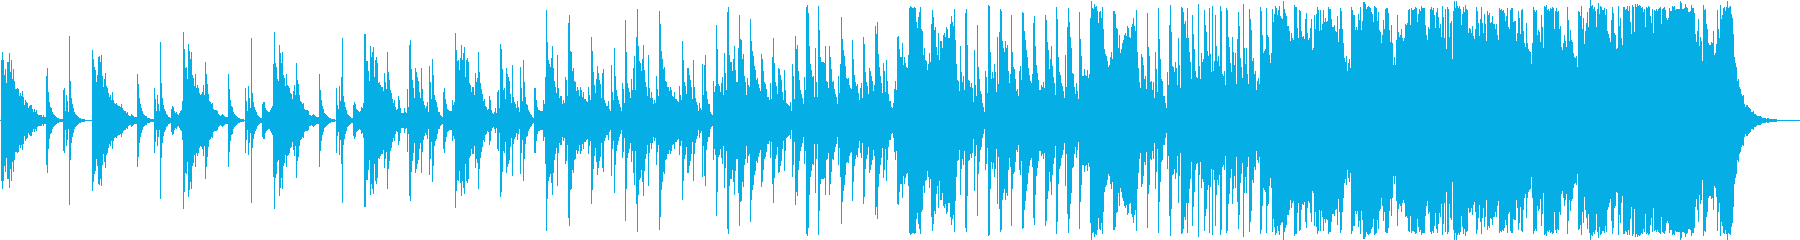 BGM_頂きを目指しての再生済みの波形